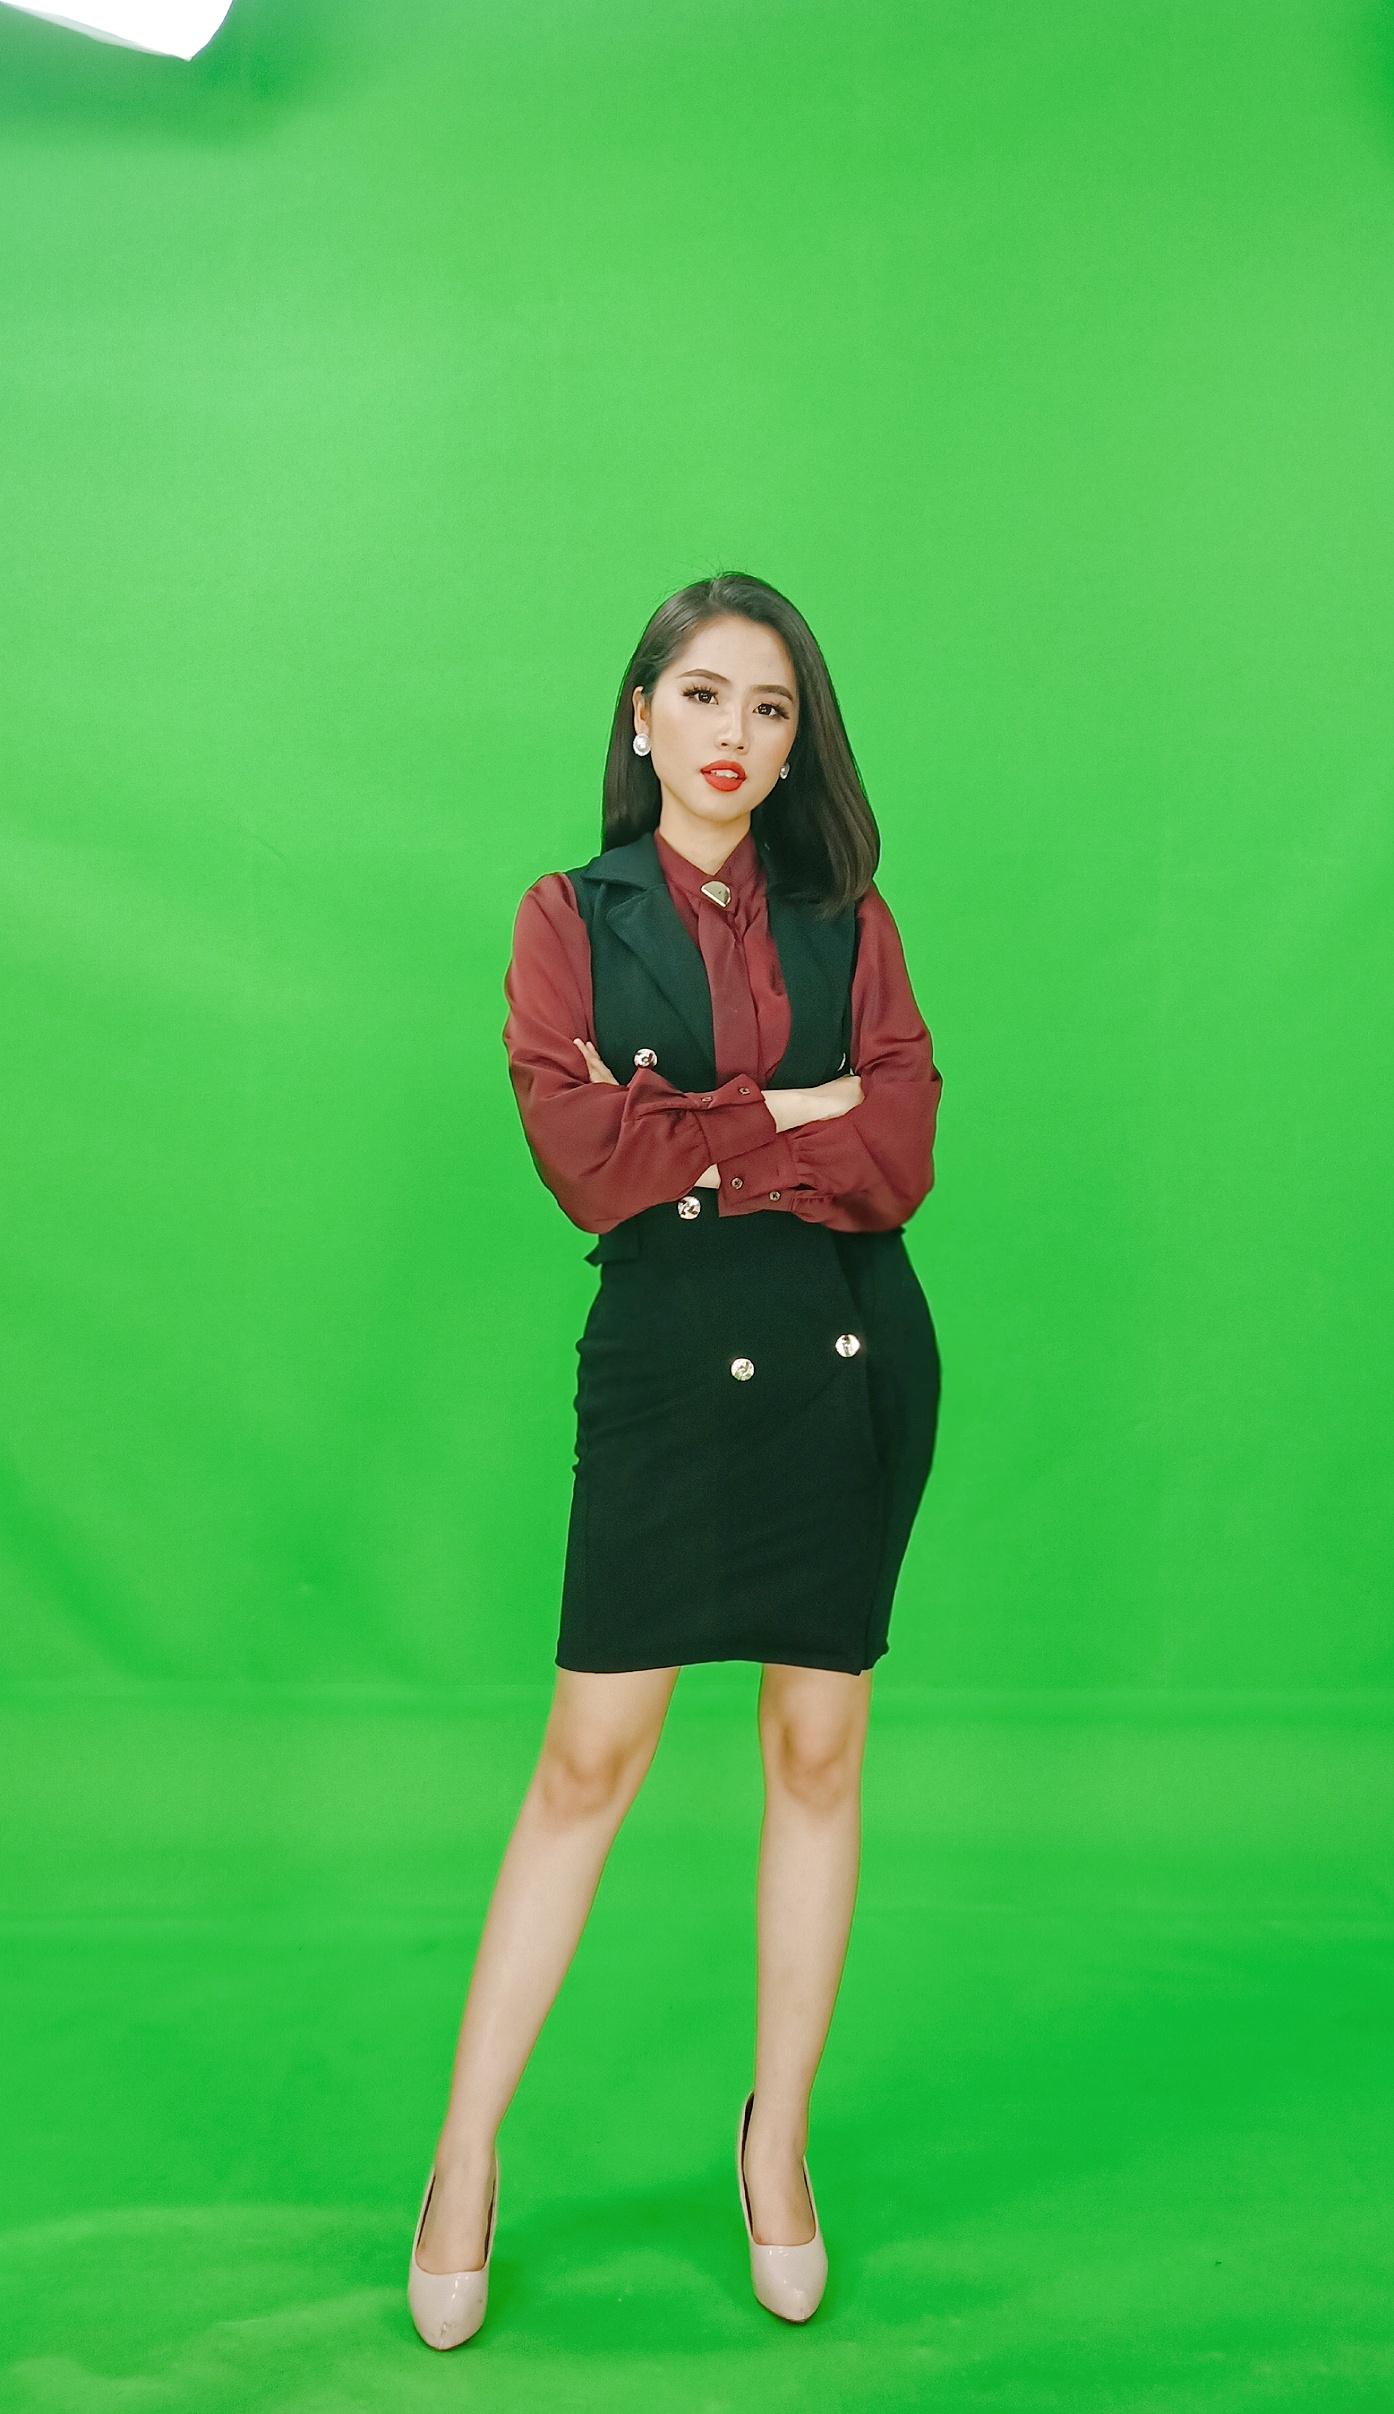 Nữ MC truyền hình 22 tuổi thi HHVN 2020: Các bạn đua theo xu hướng Kpop hay Âu Mỹ, mình chỉ chuộng style đơn giản chuẩn chỉnh tác phong nhà đài - Ảnh 7.